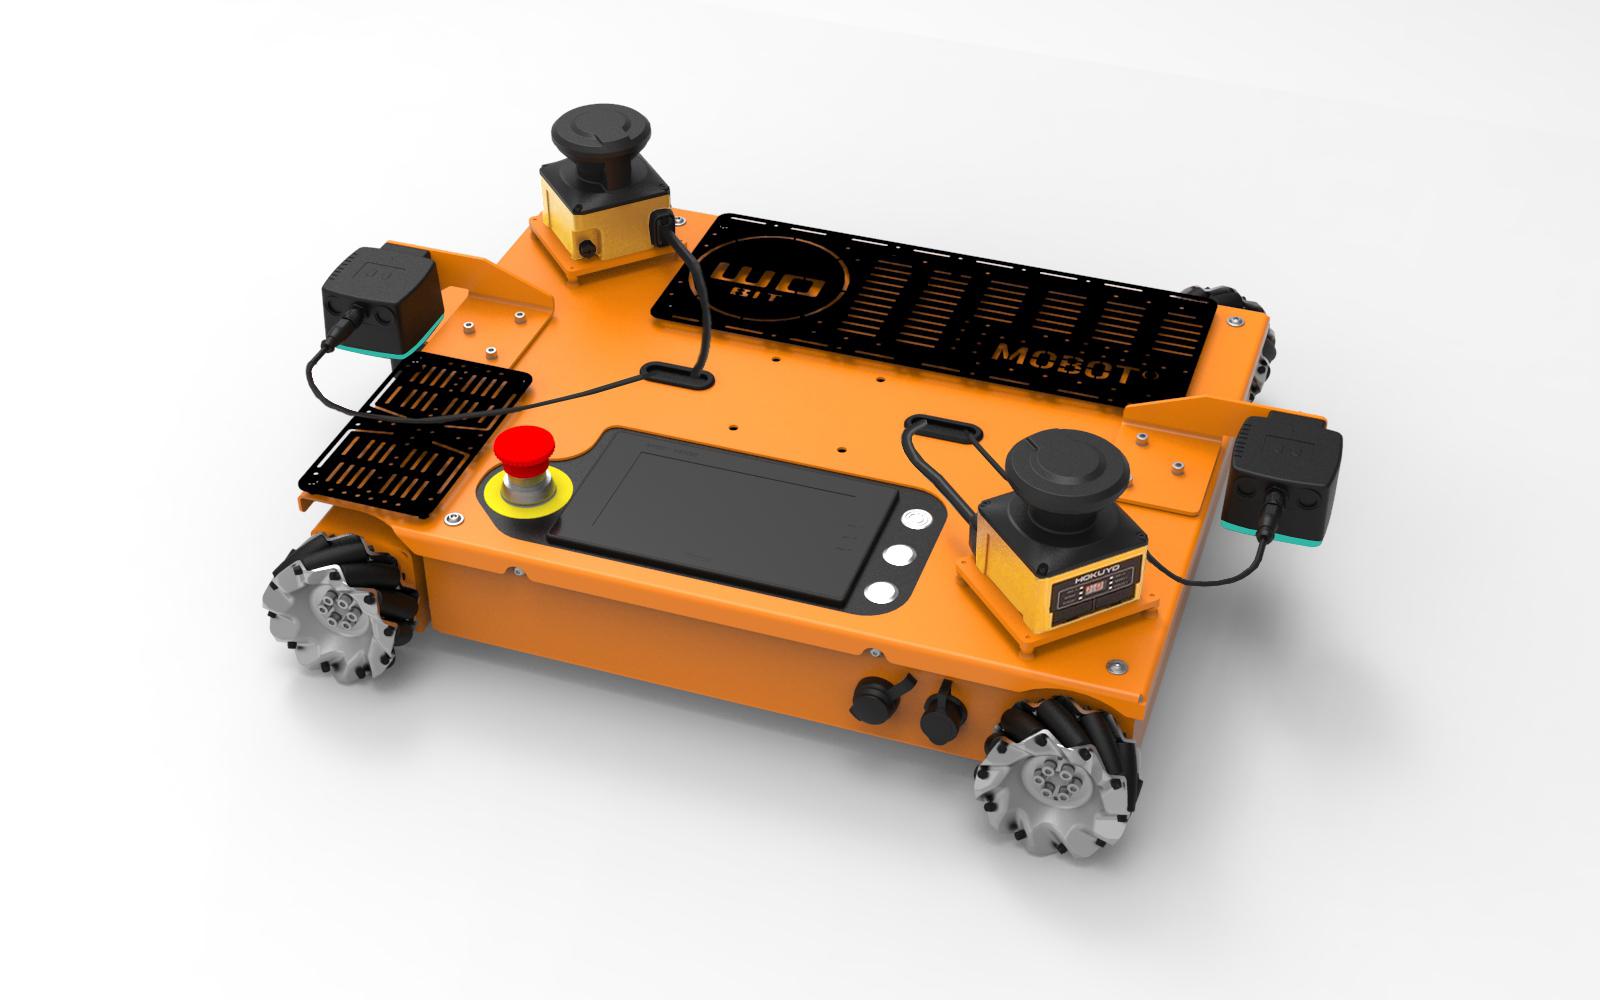 MOBOT® eduRunner MW – nowe rozwiązanie do nauki robotyki mobilnej